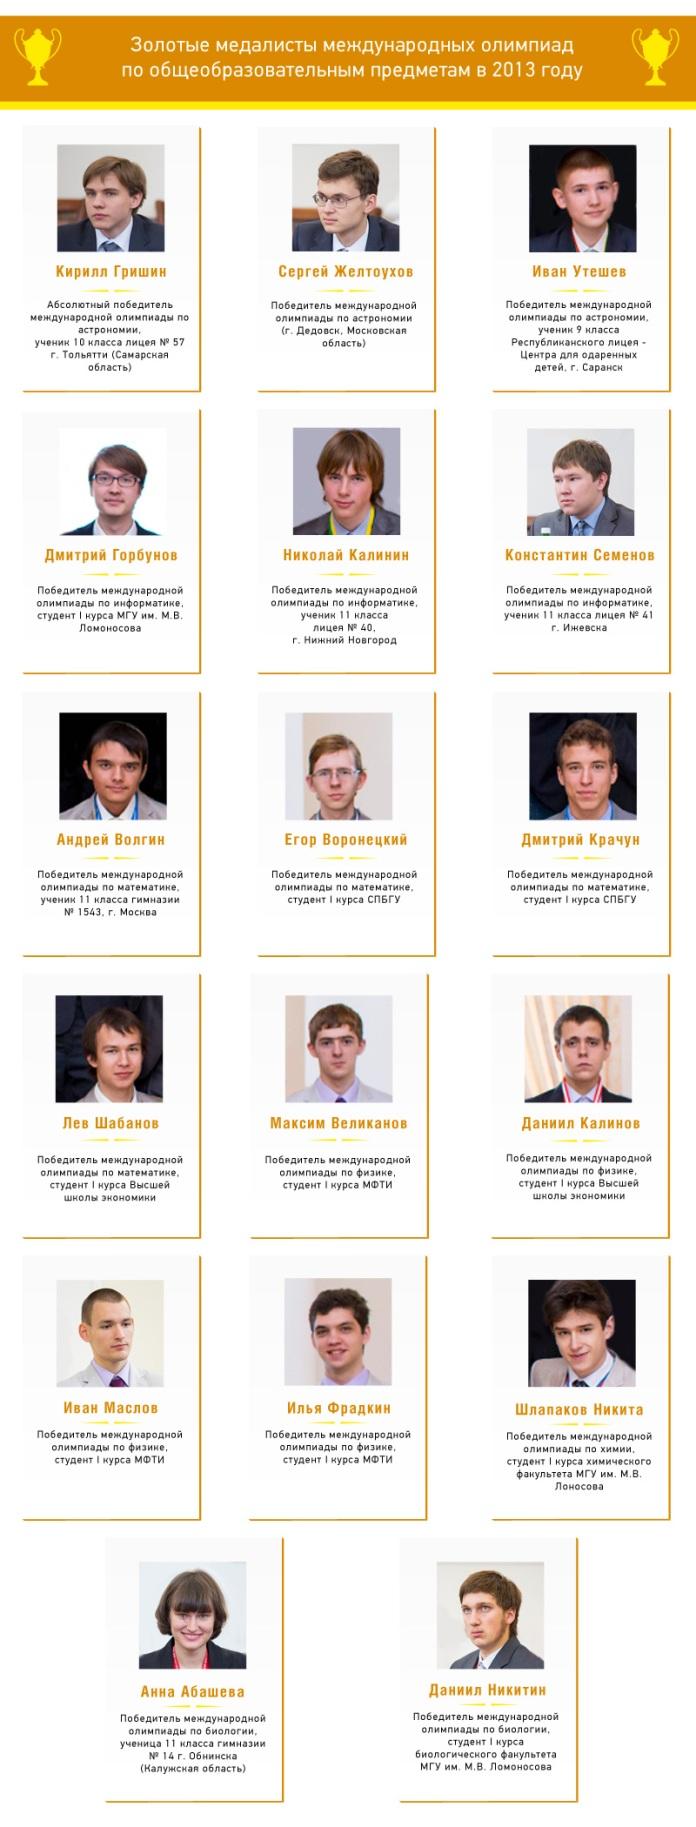 Победители международных олимпиад школьников